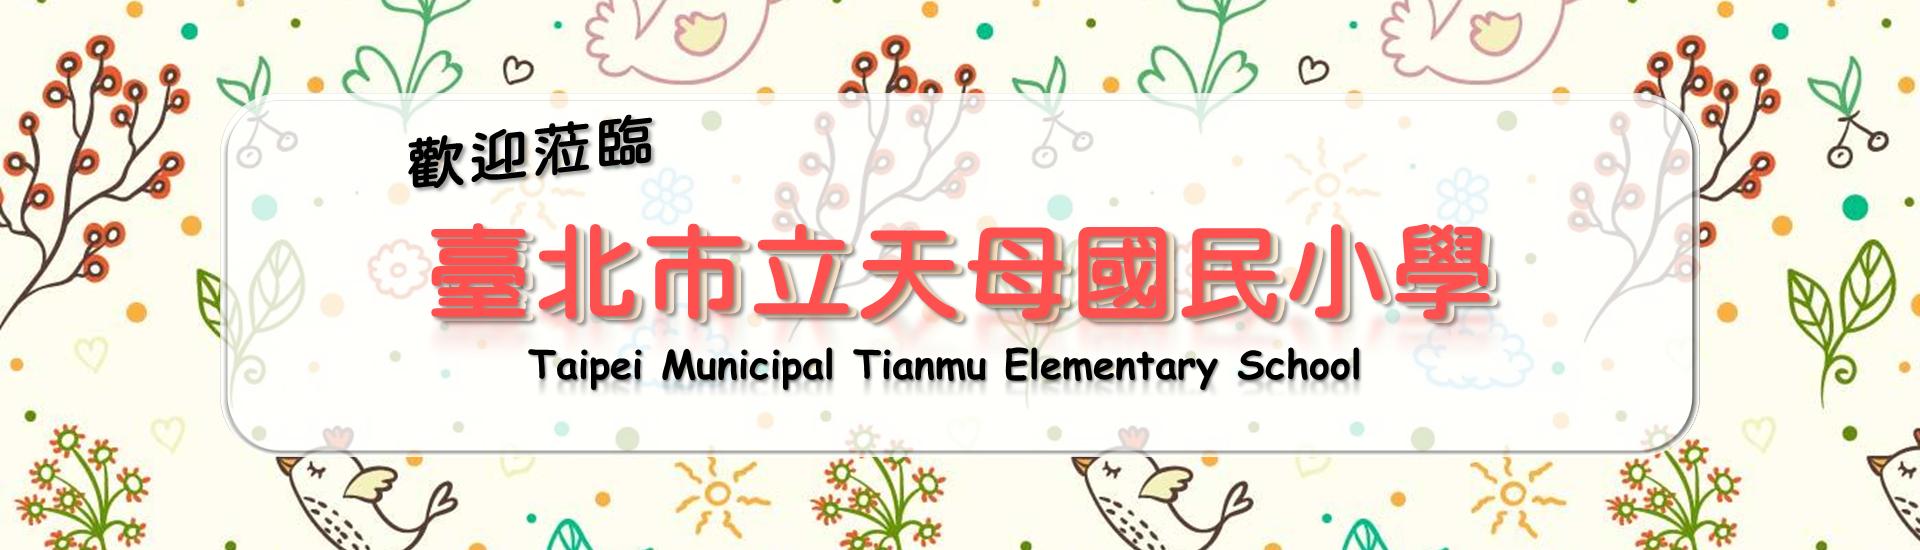 歡迎蒞臨臺北市立天母國民小學